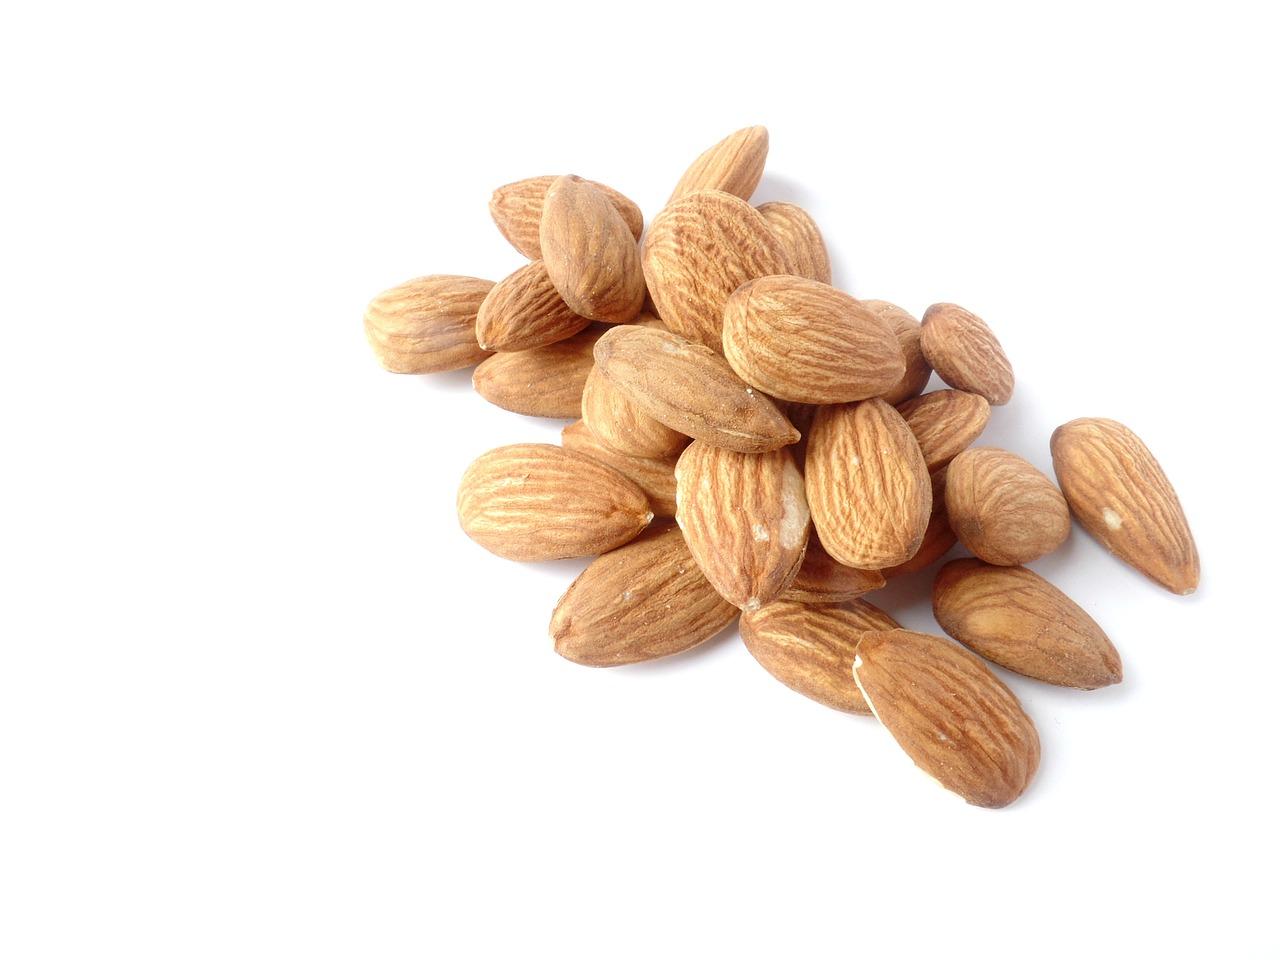 おすすめの痩せる食材:アーモンド